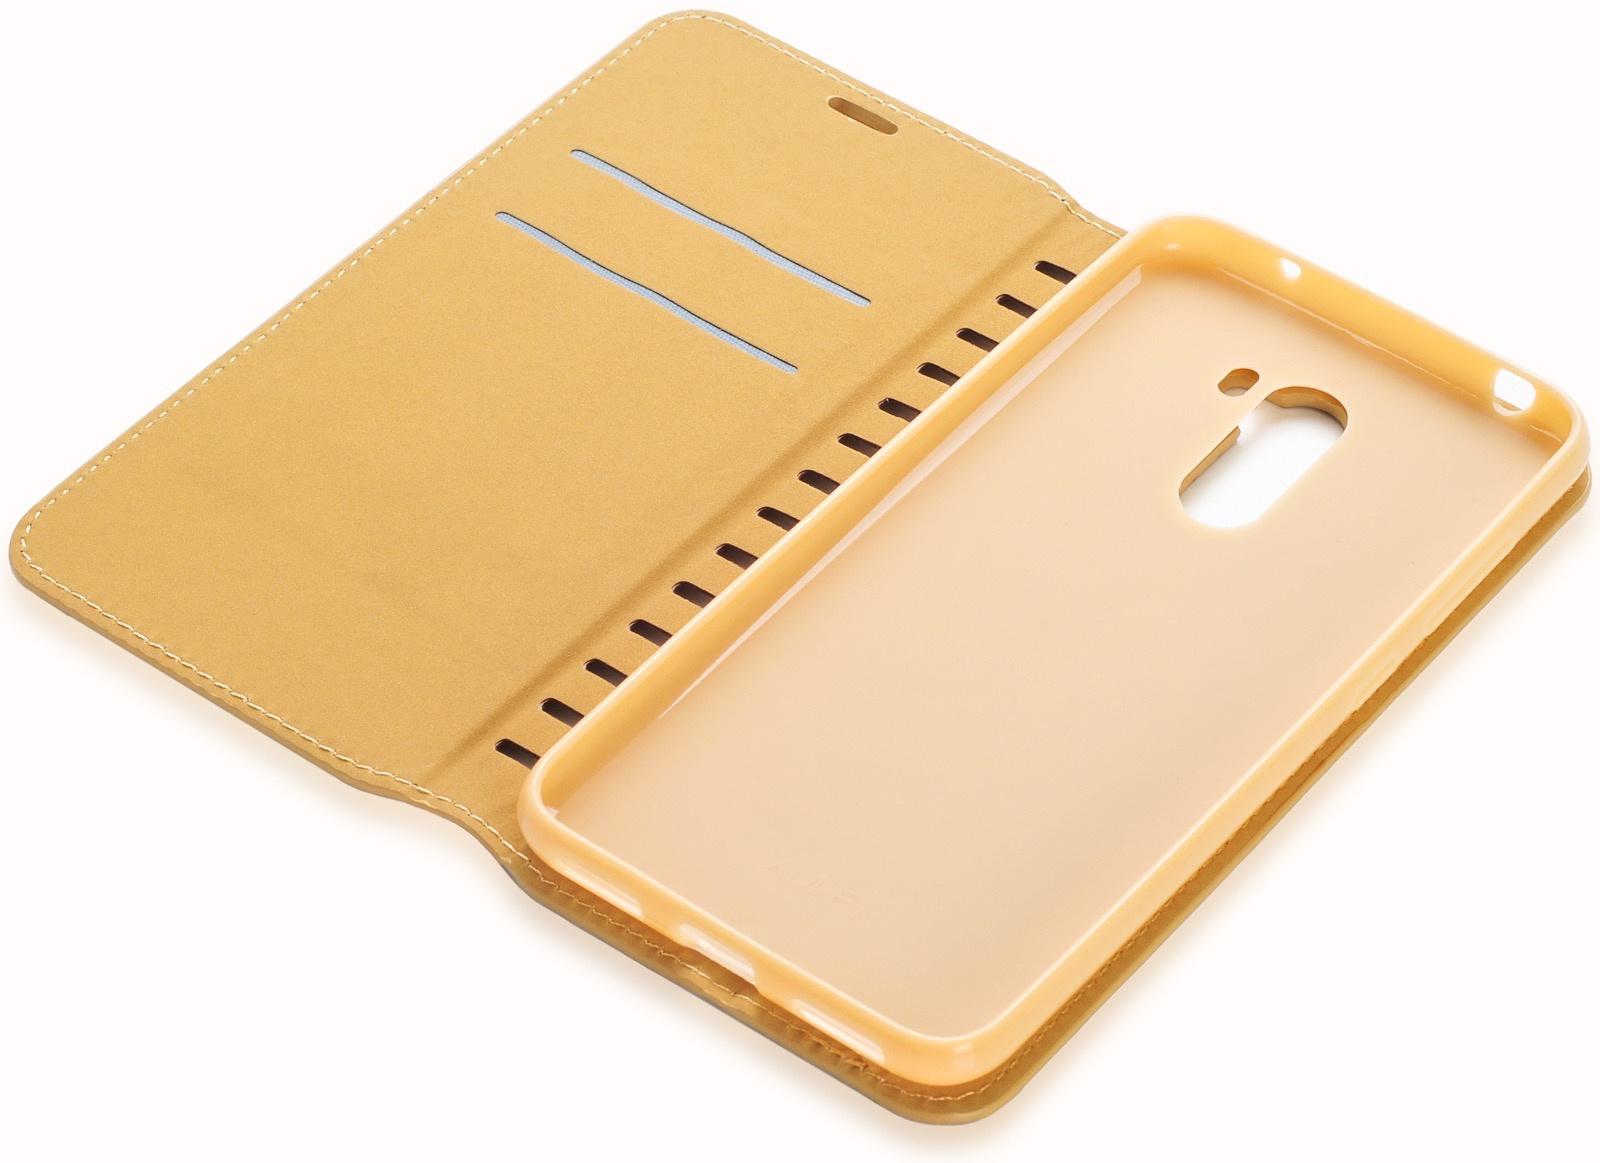 Чехол для сотового телефона Gurdini Premium case книжка с силиконом на магните gold Xiaomi Redmi Pocophone F1, золотой